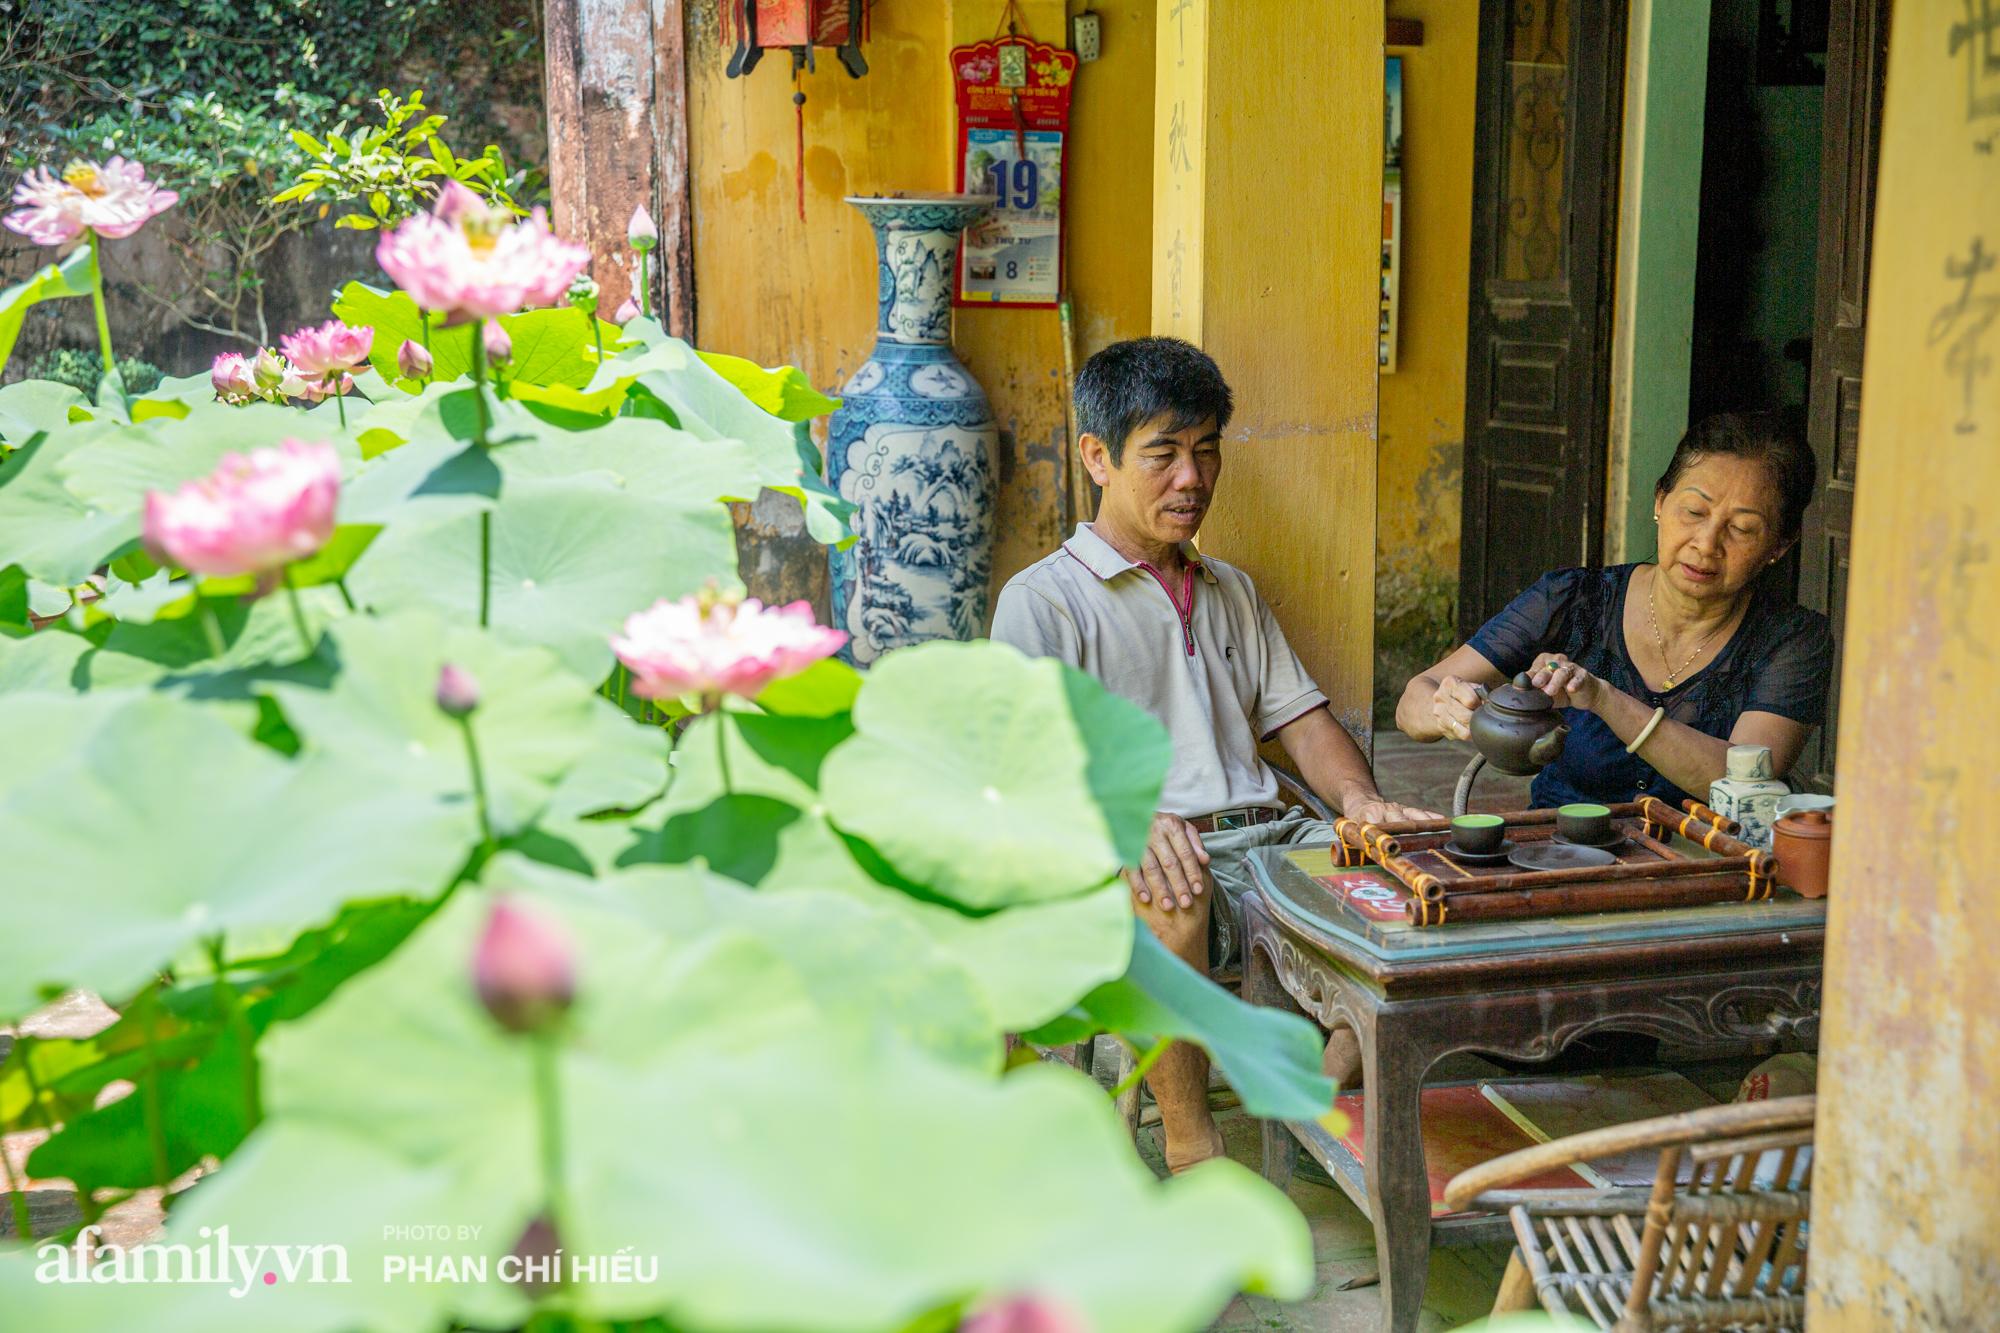 Đôi vợ chồng sở hữu căn nhà cổ 100 năm tuổi tại Hà Nội sưu tập và trồng hàng trăm gốc sen cung đình Huế quanh nhà khiến ai đi qua cũng phải trầm trồ - Ảnh 12.